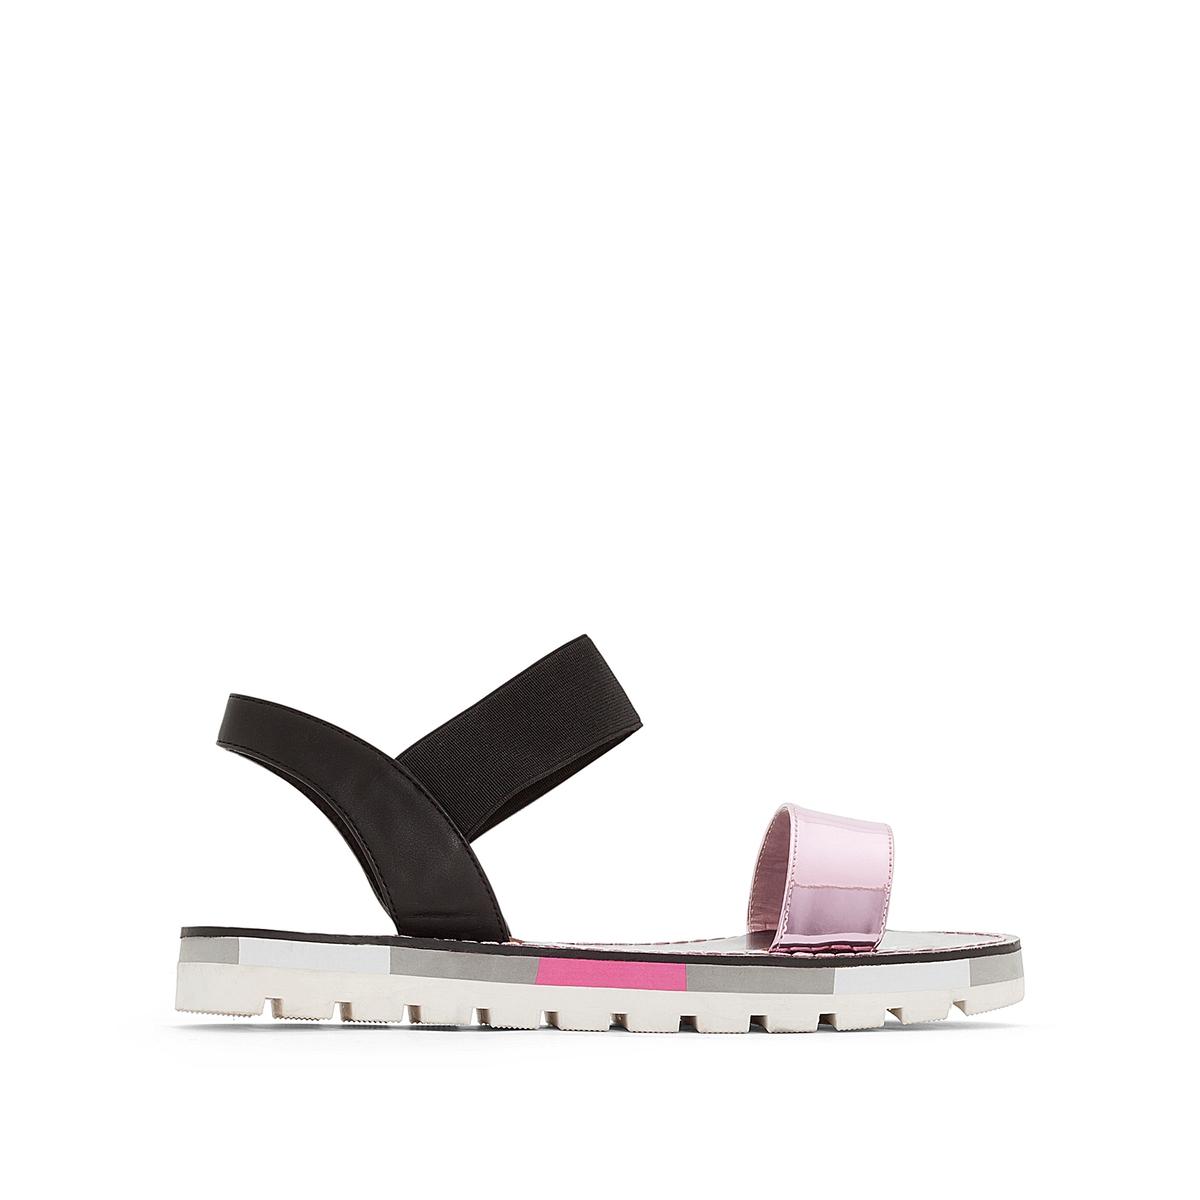 Босоножки MadagascarВерх/Голенище : синтетика  Подкладка : синтетика  Стелька : синтетика  Подошва : каучук   Форма каблука : плоский каблук  Мысок : закругленный мысок  Застежка : без застежки<br><br>Цвет: черный/ розовый<br>Размер: 40